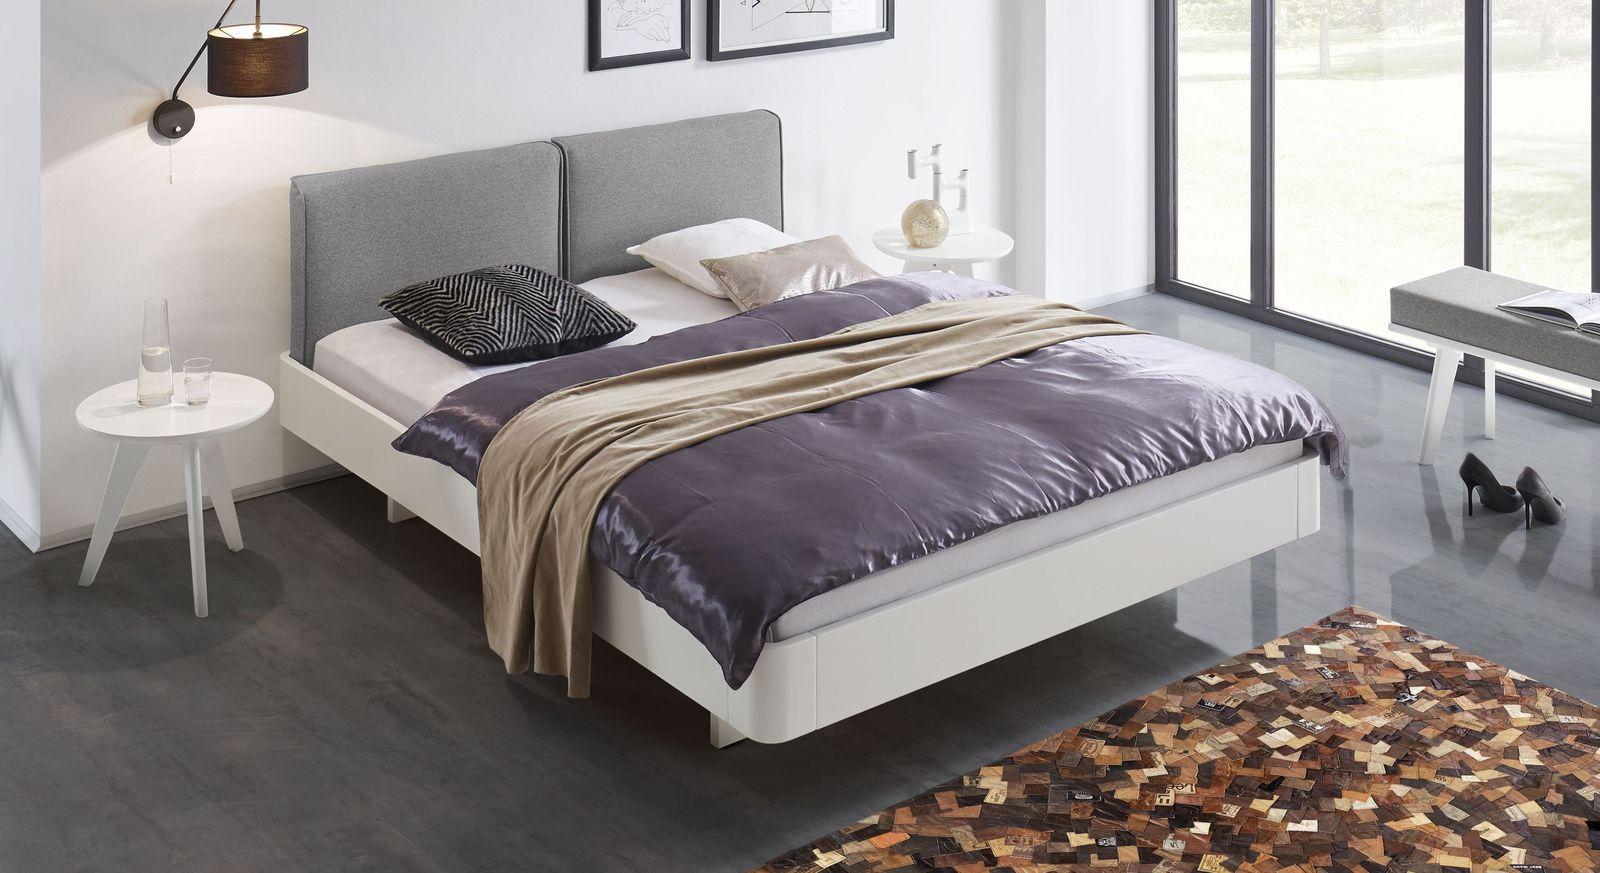 Bett Iraklia in Weiß mit weißgrauem Polsterkopfteil